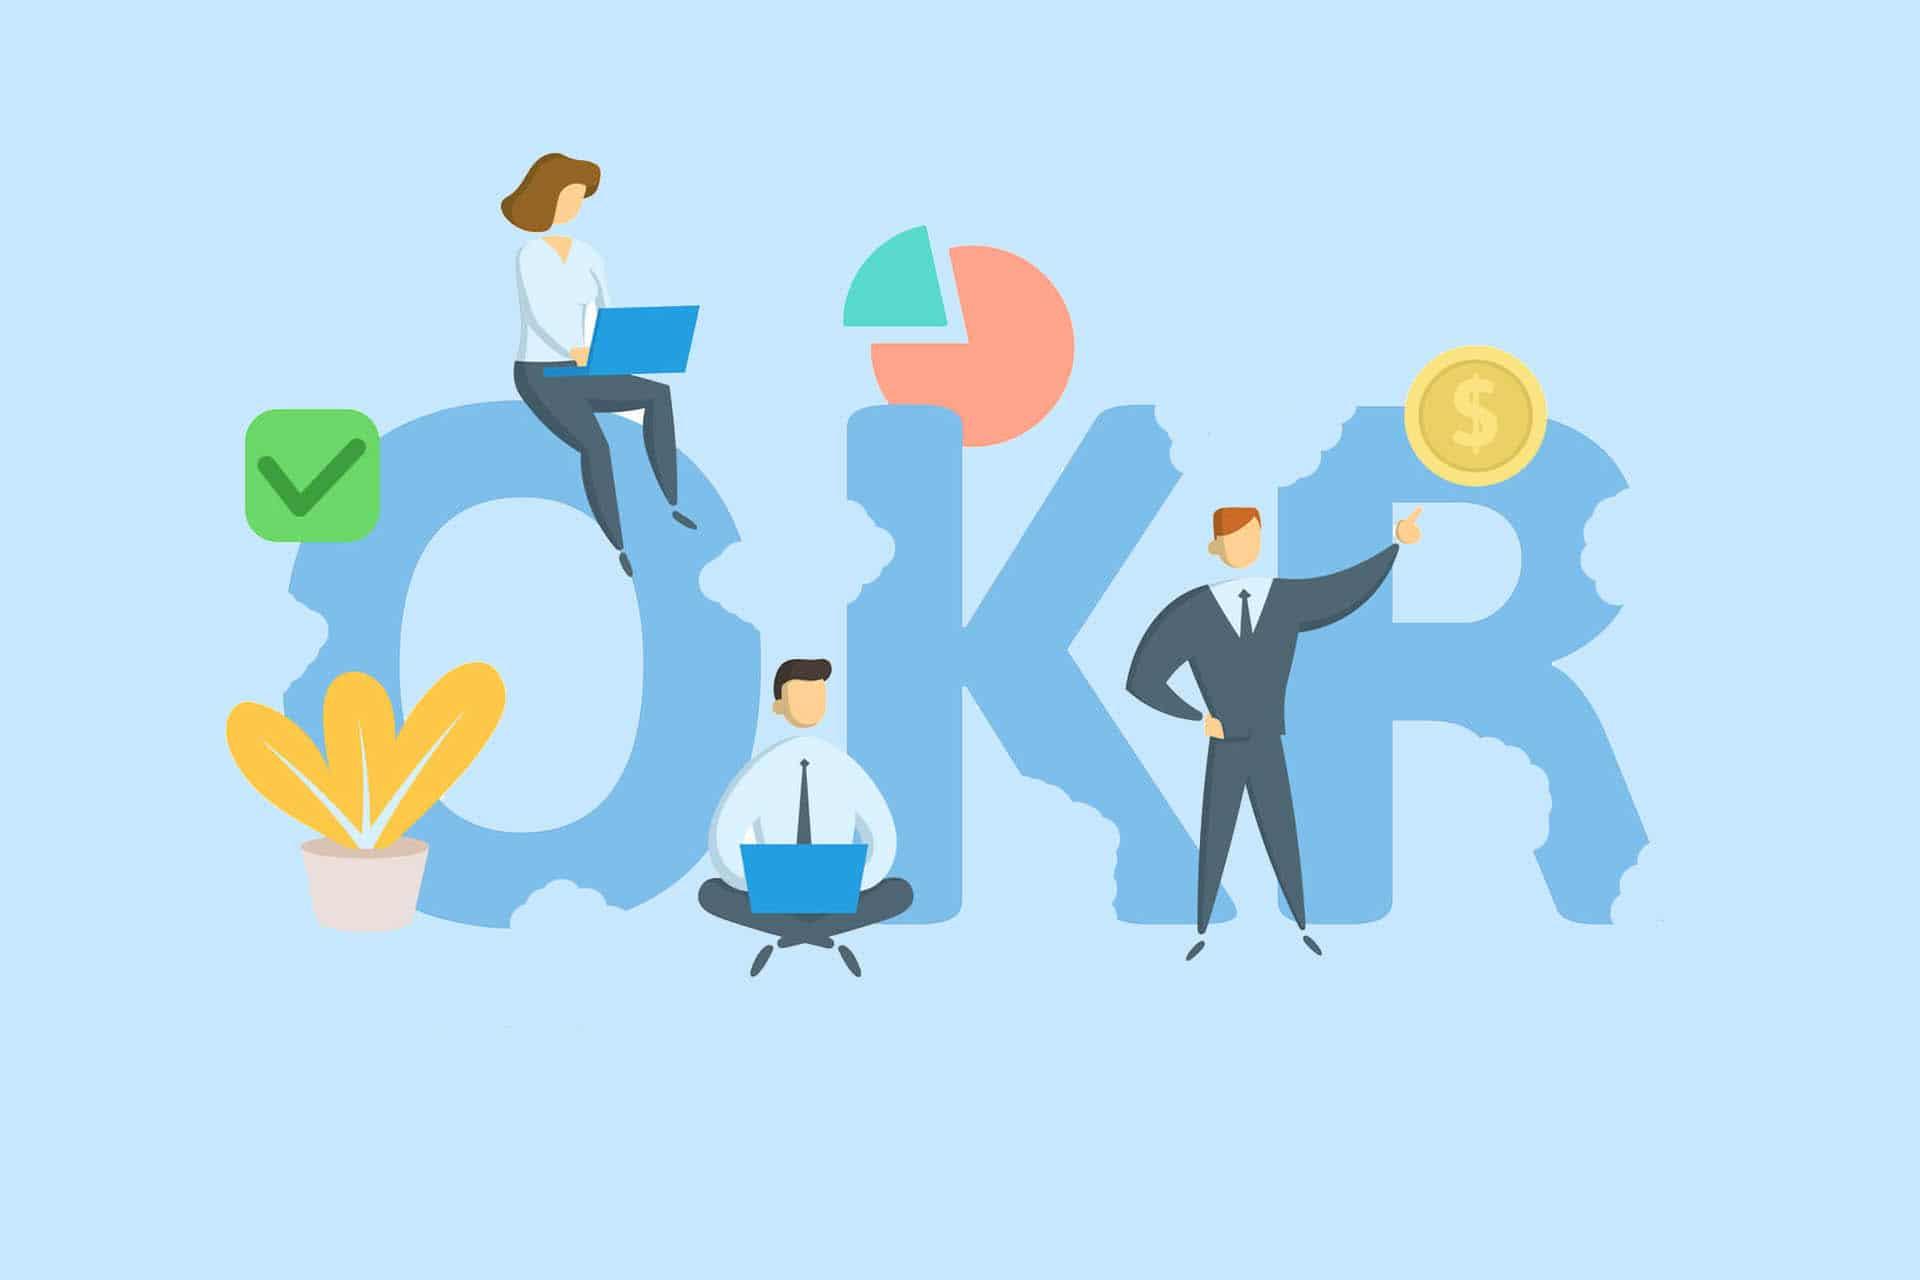 t2informatik Blog: My OKR is broken!